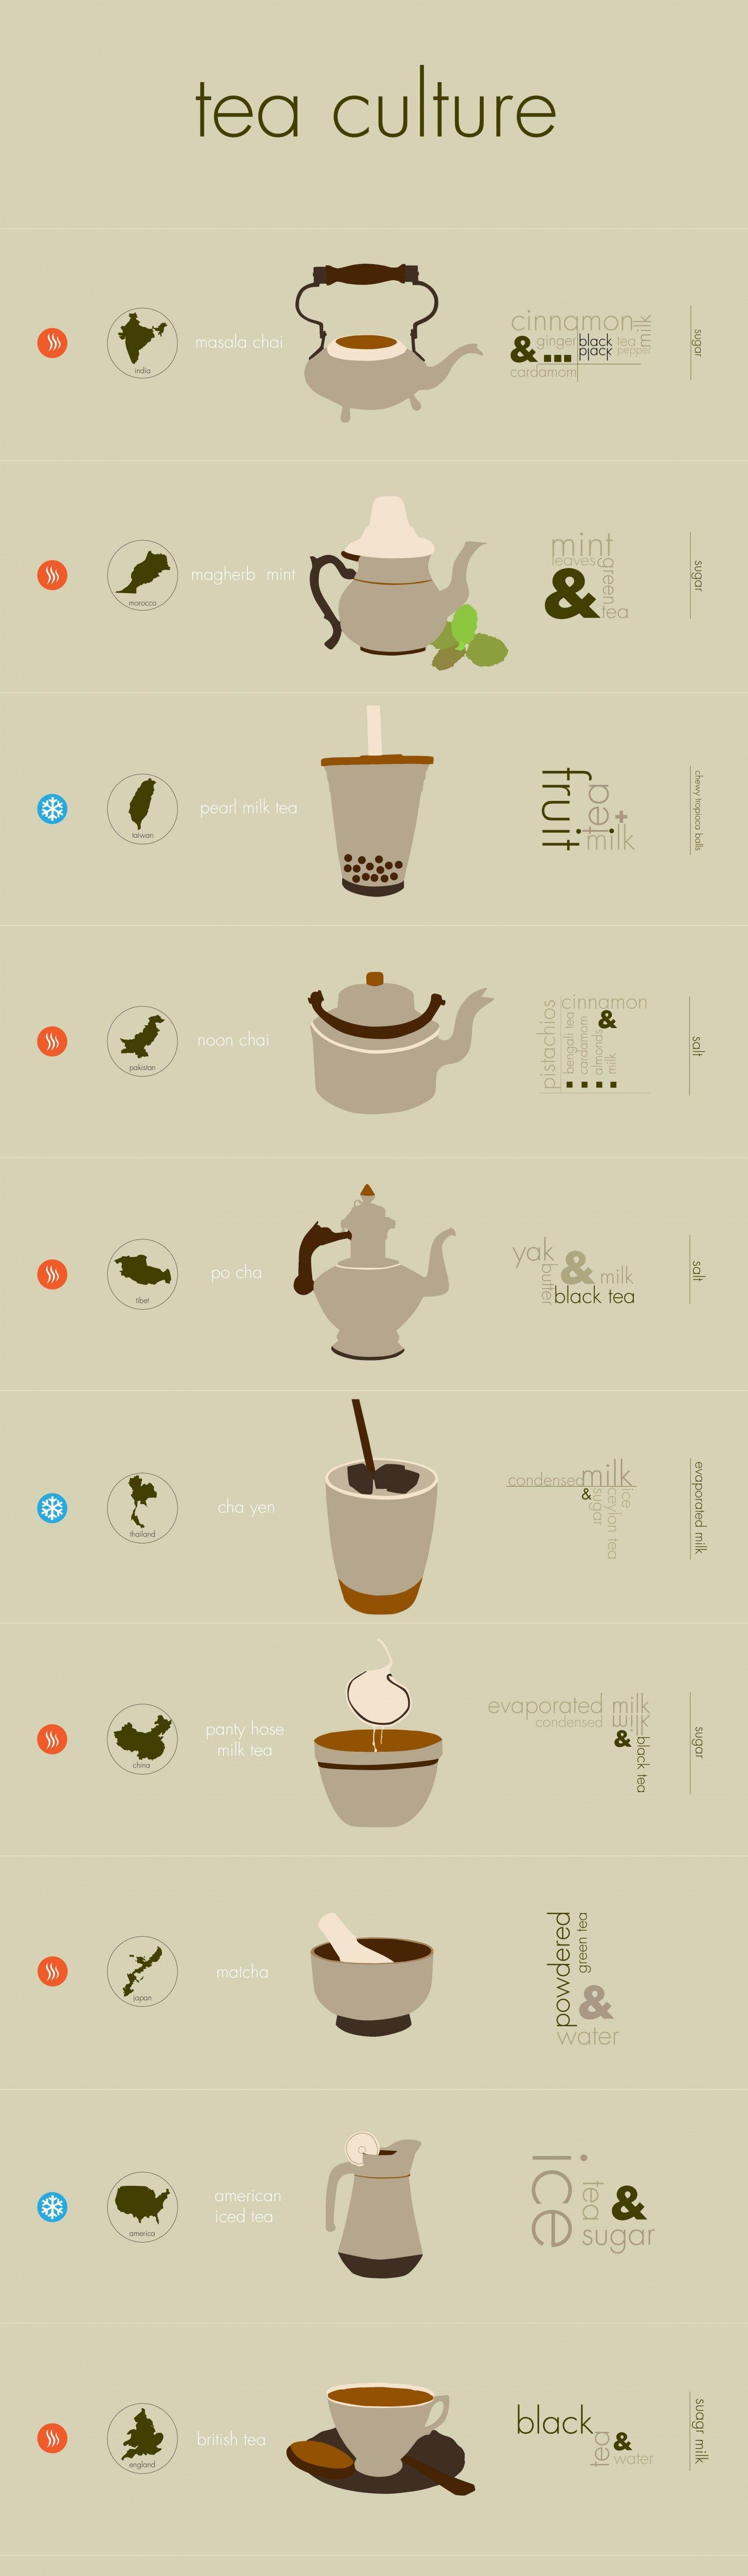 """""""Un nuage de lait, s'il-vous-plaît"""" : comment consomme-t-on le thé autour du monde ? #Teaculture"""